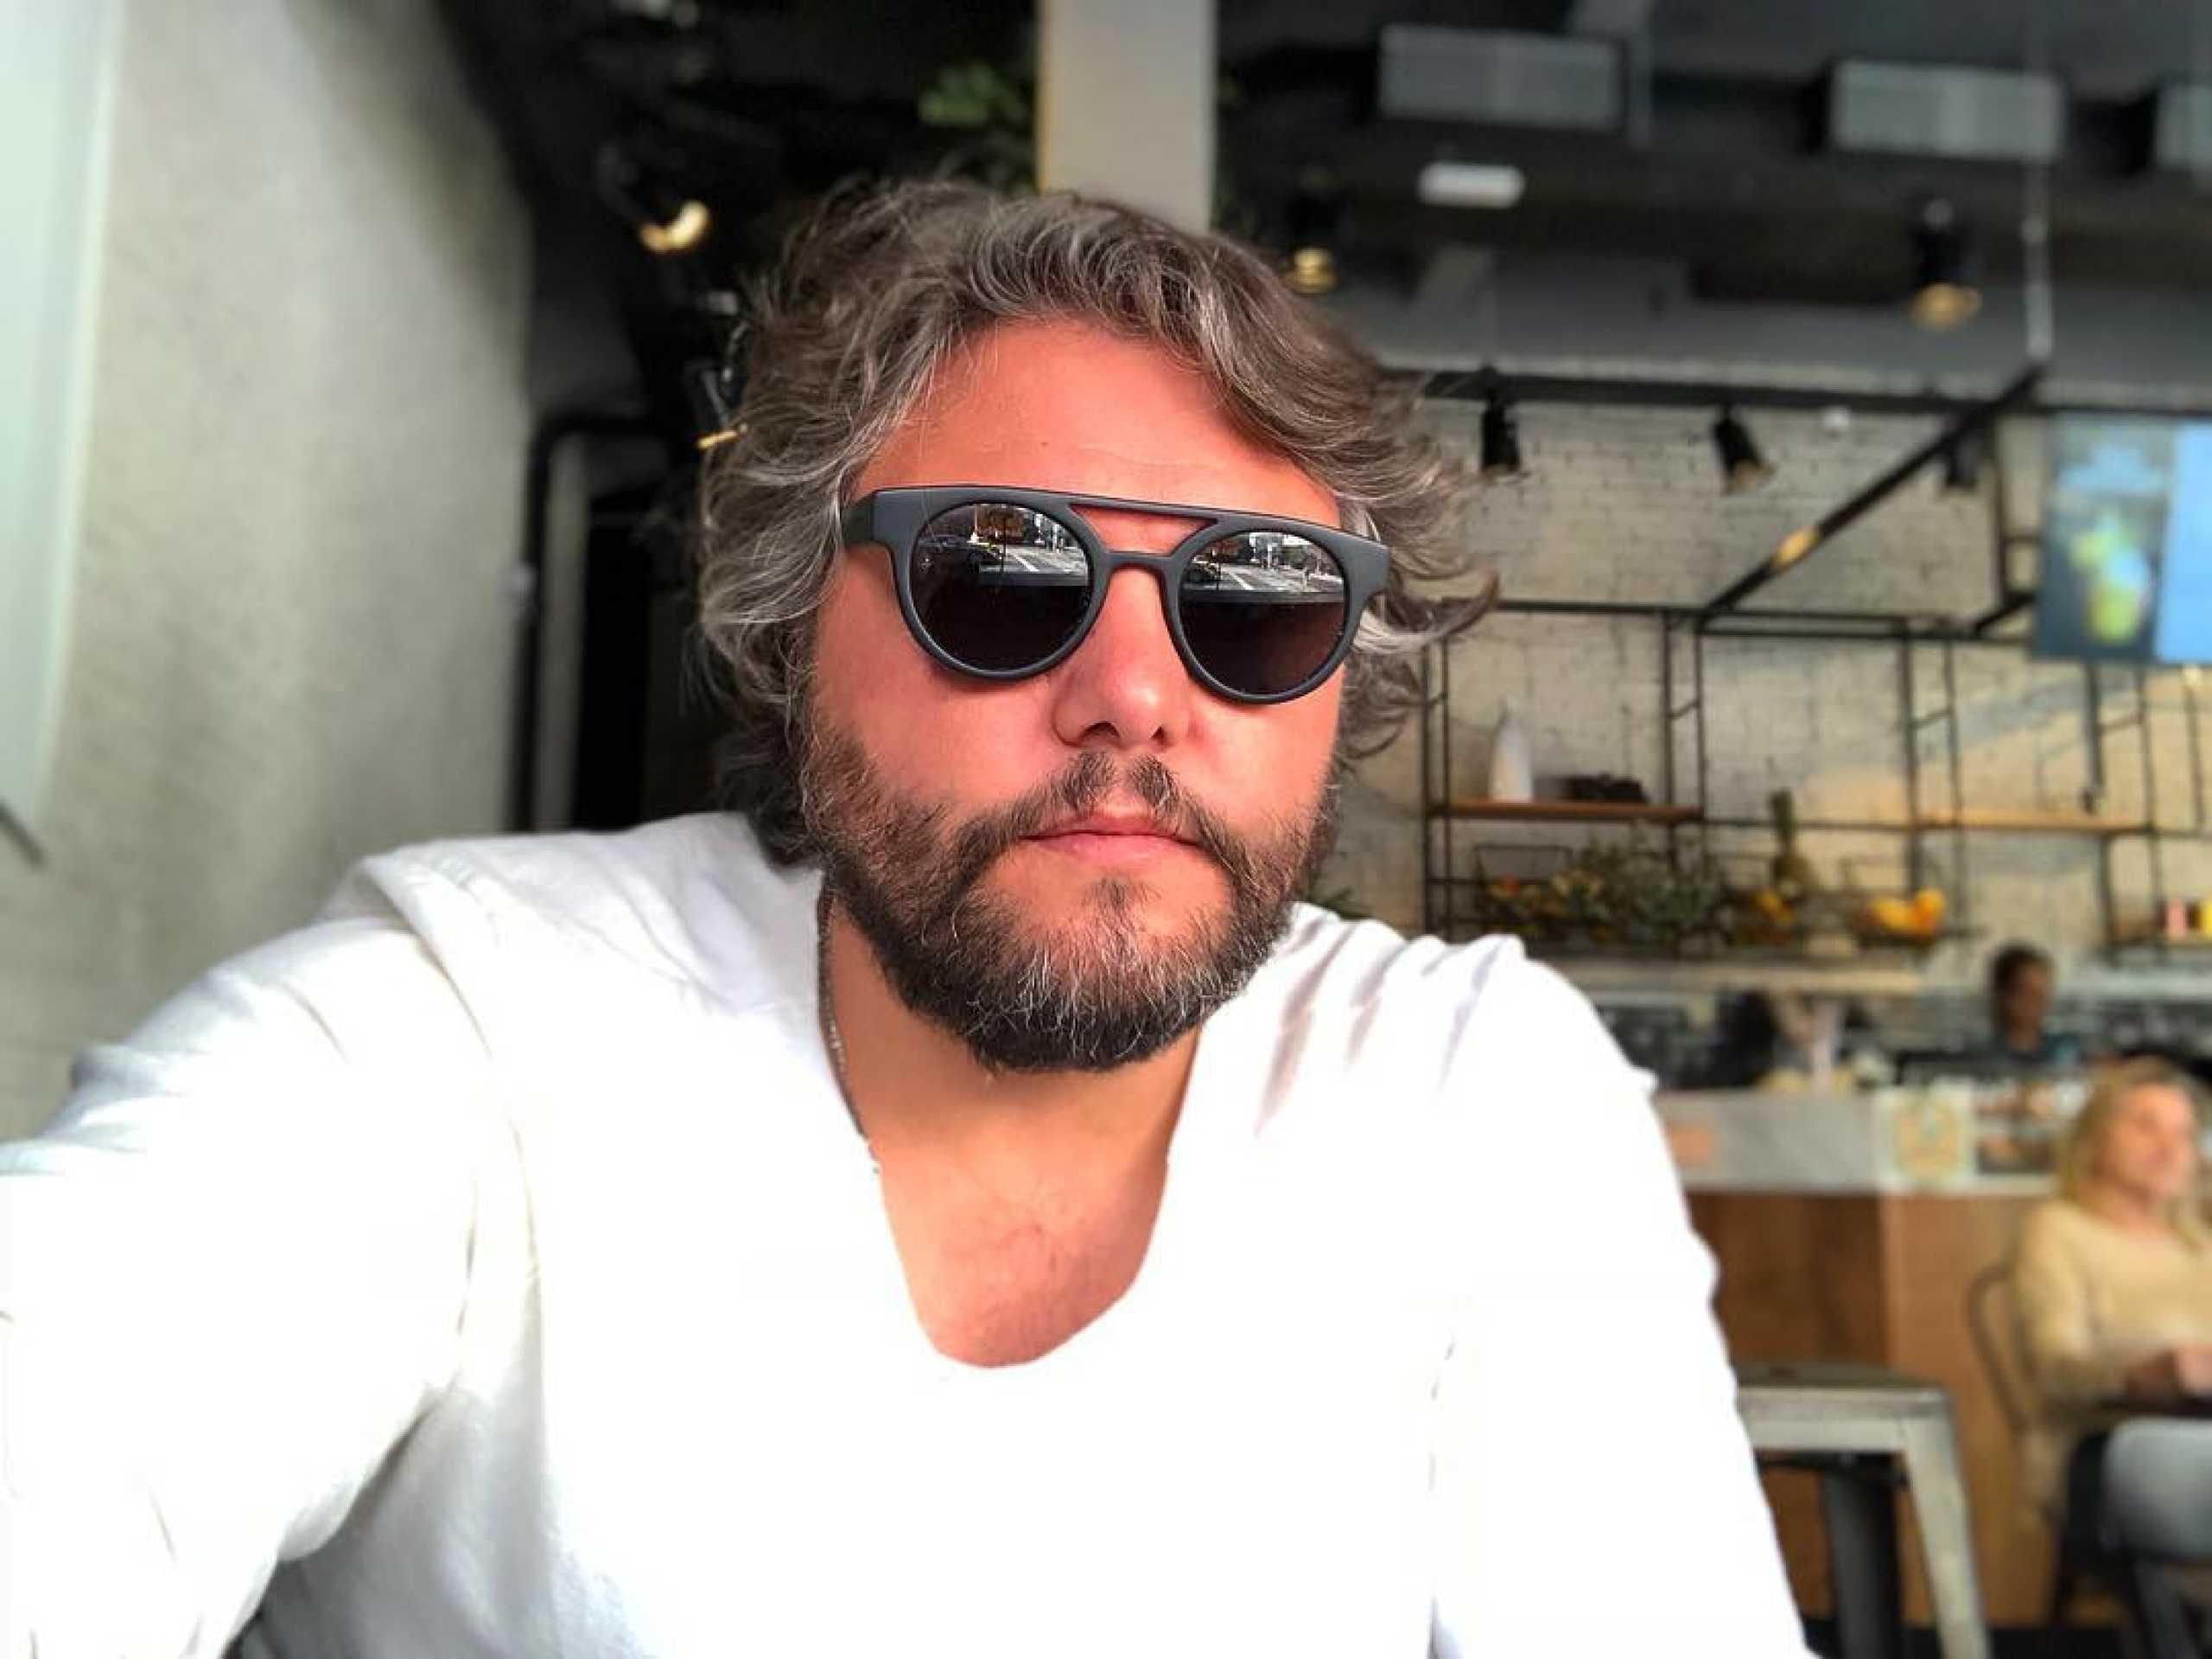 """César Mourão alerta: """"Entraram no meu perfil ou copiaram"""""""